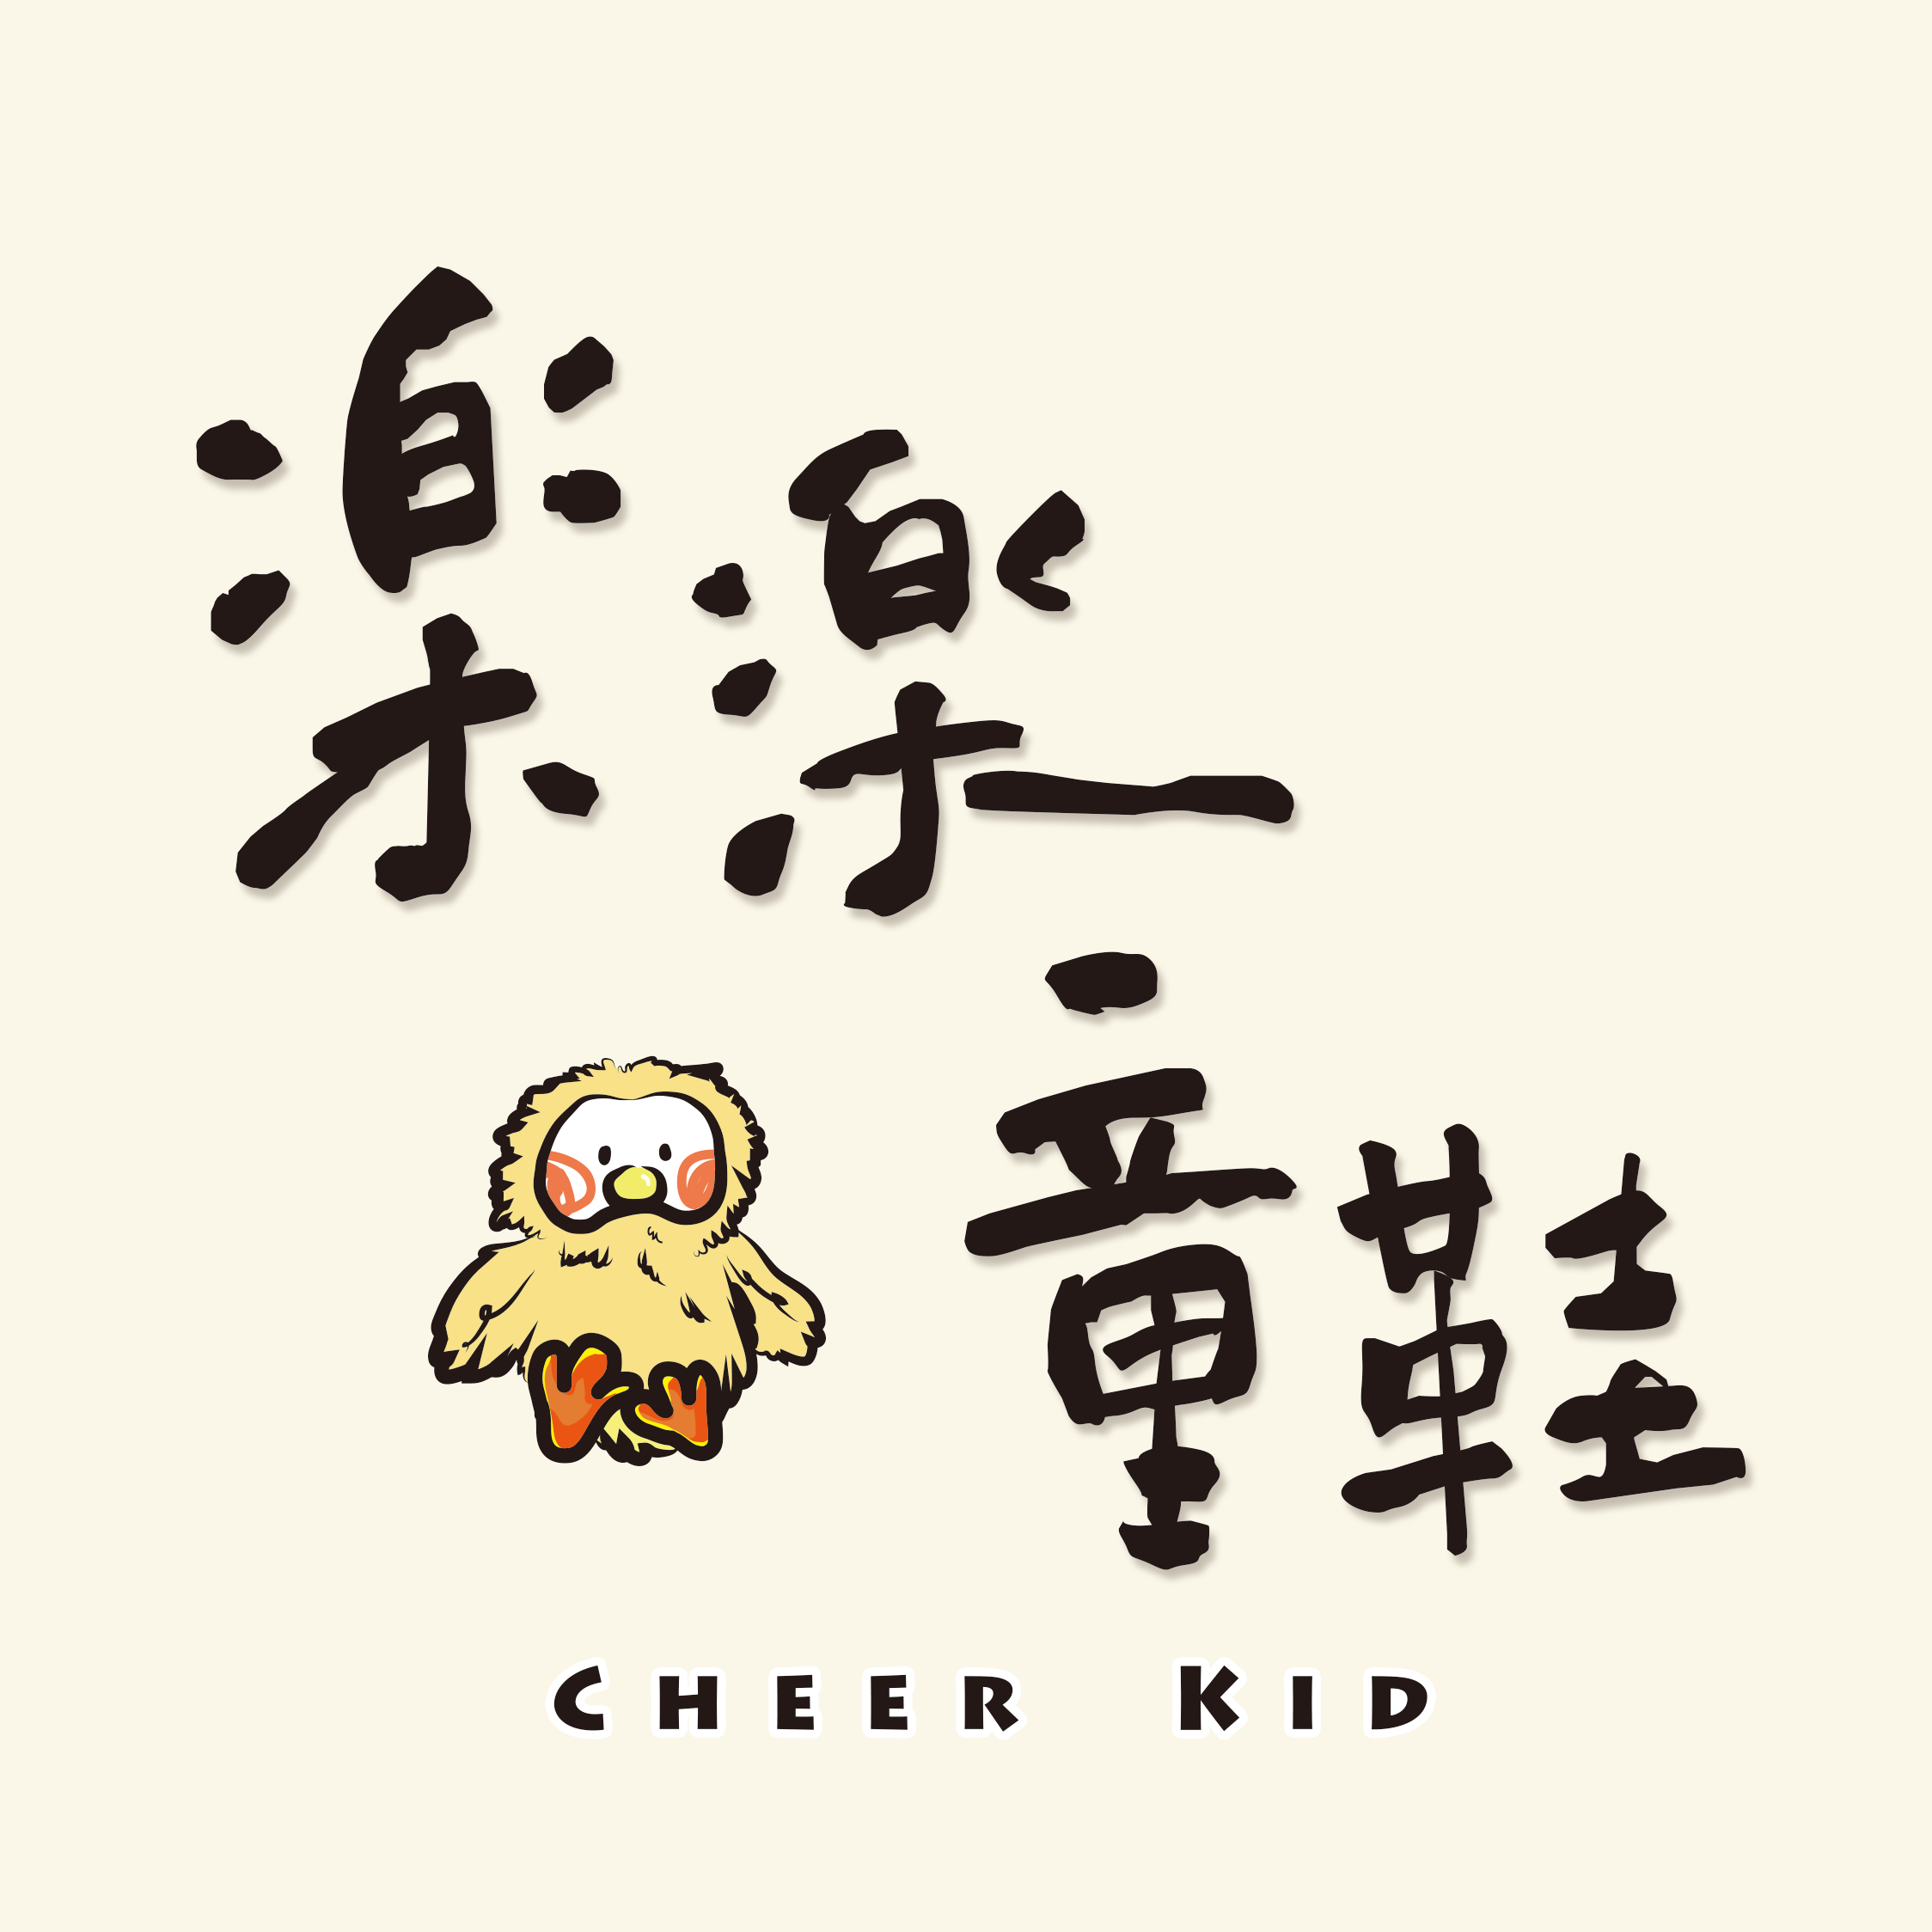 樂樂童鞋 Logo - 2248x2248